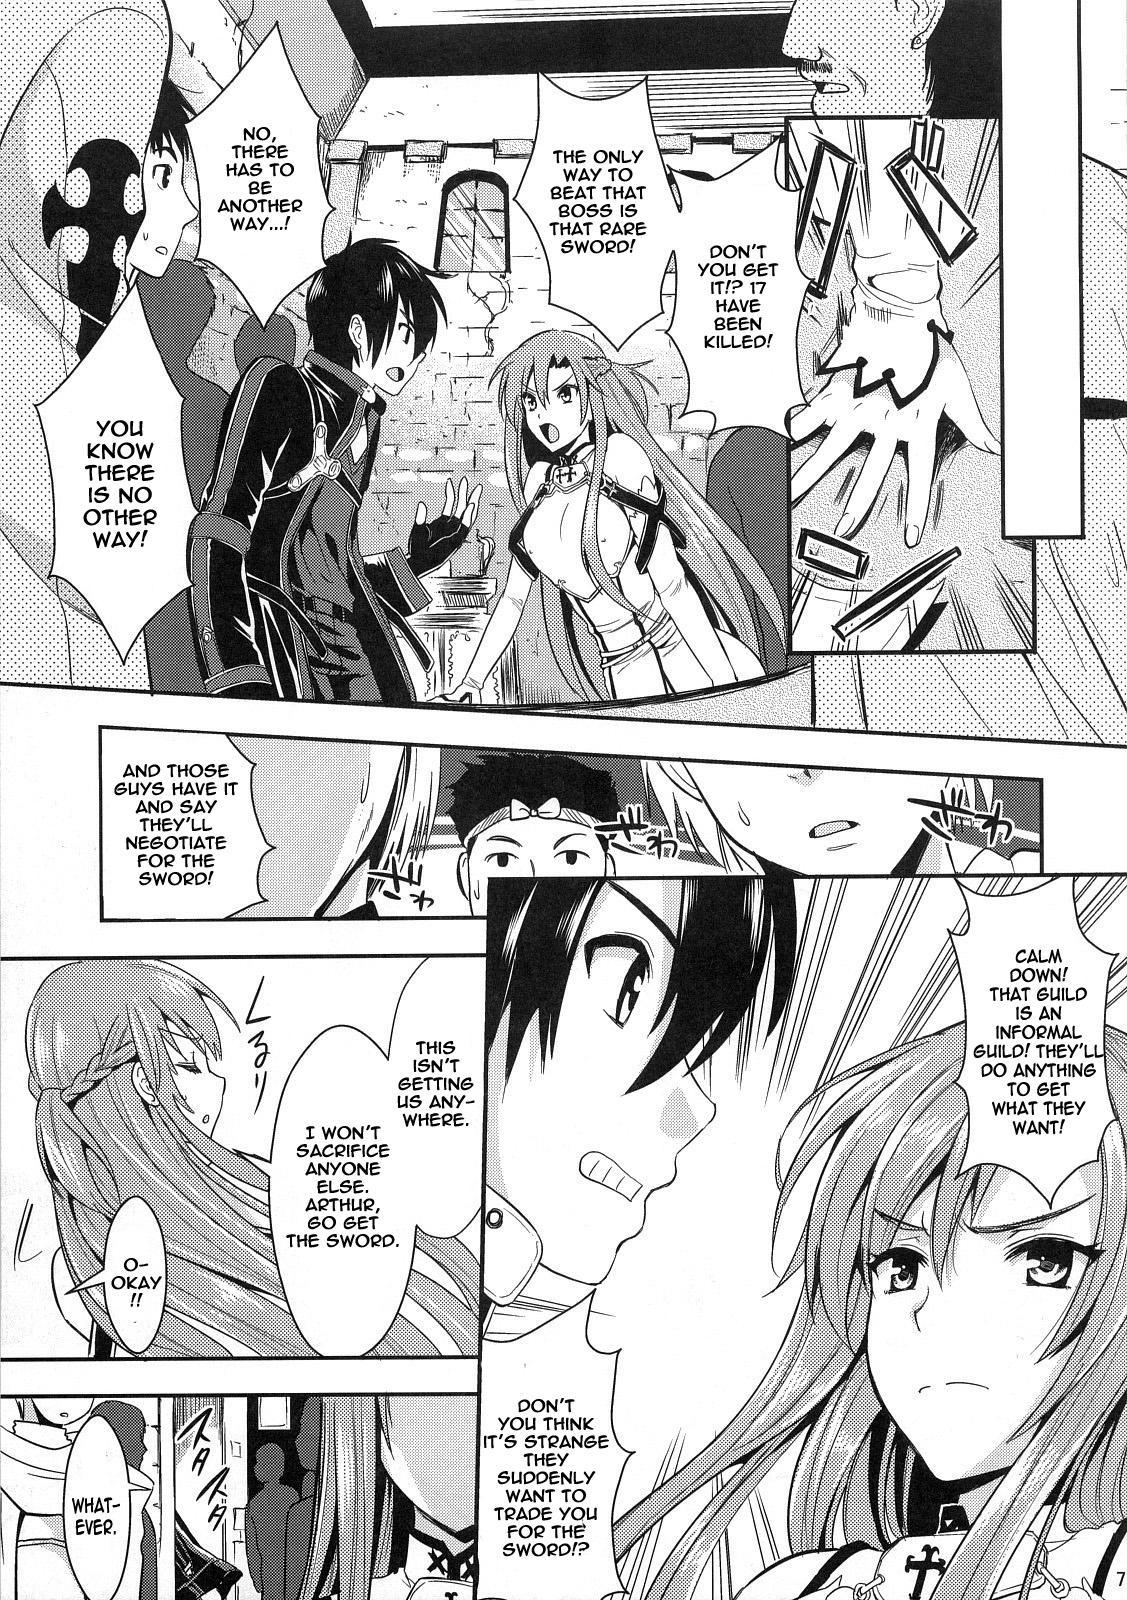 (C83) [YURIRU-RARIKA (Kojima Saya, Lazu)] Shujou Seikou II α Watashi... Okasarete Anal ni Mezamemashita | Captive Sex II - After Being R-ped, I was Awakened to Anal (Sword Art Online) [English] {doujin-moe.us} 5